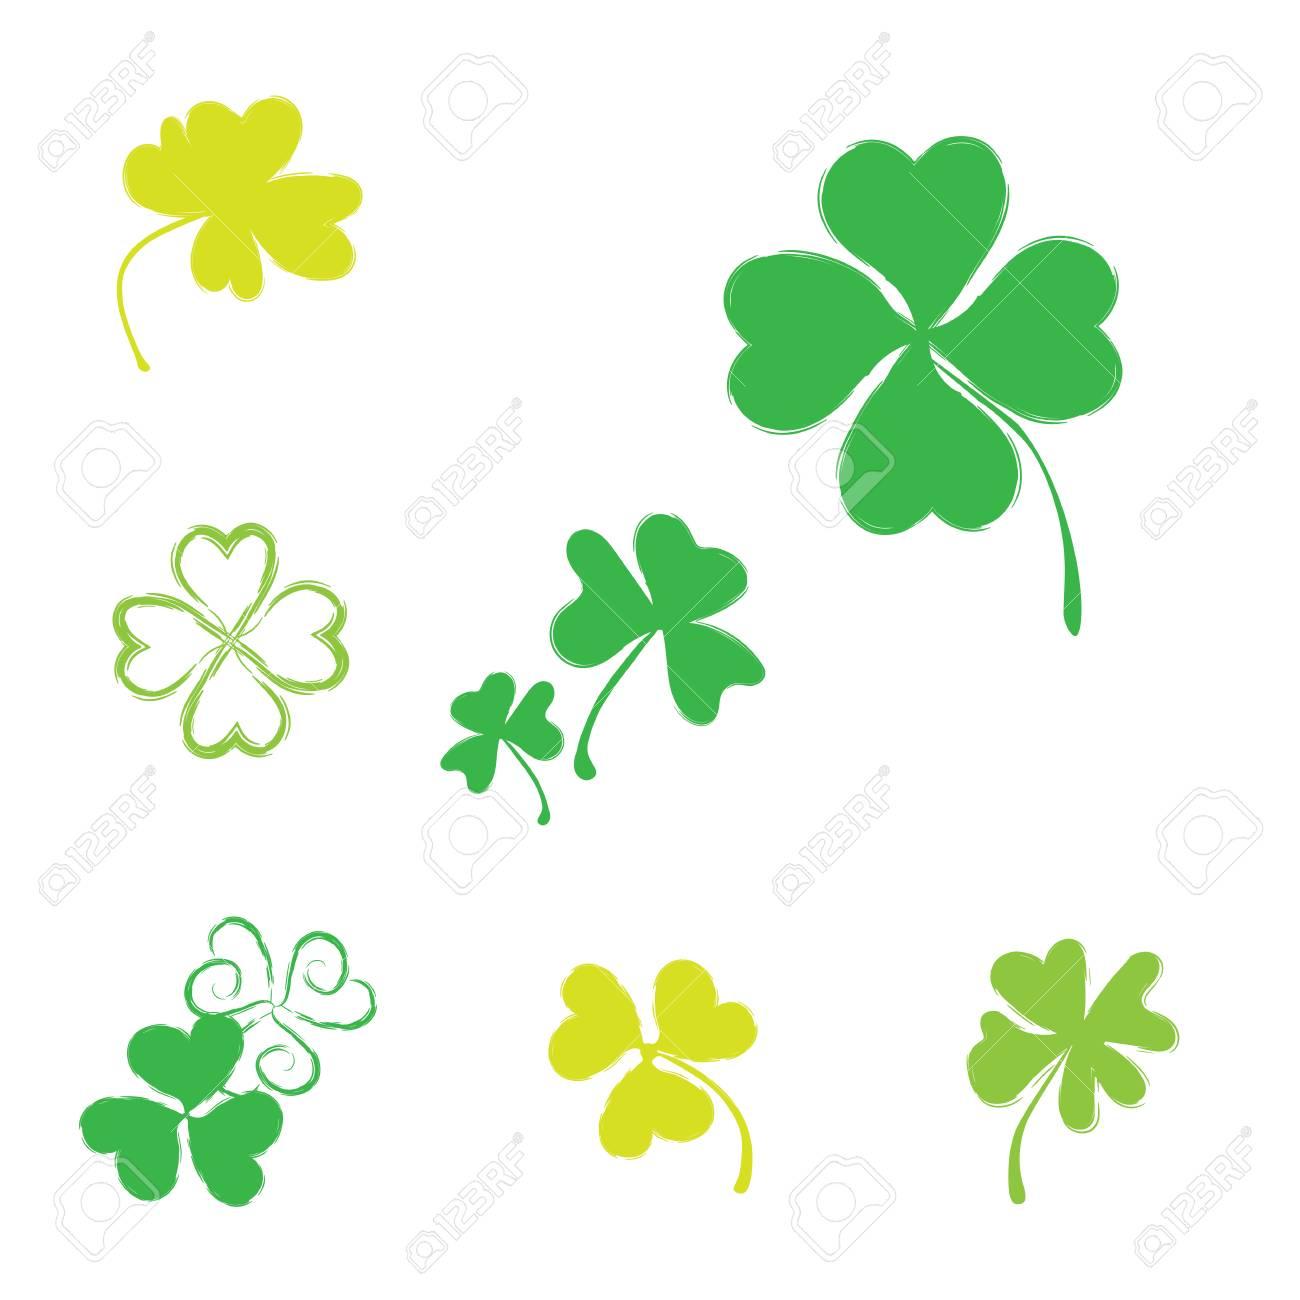 Charmant Shamrock Malvorlagen St. Patricks Day Bilder - Entry Level ...